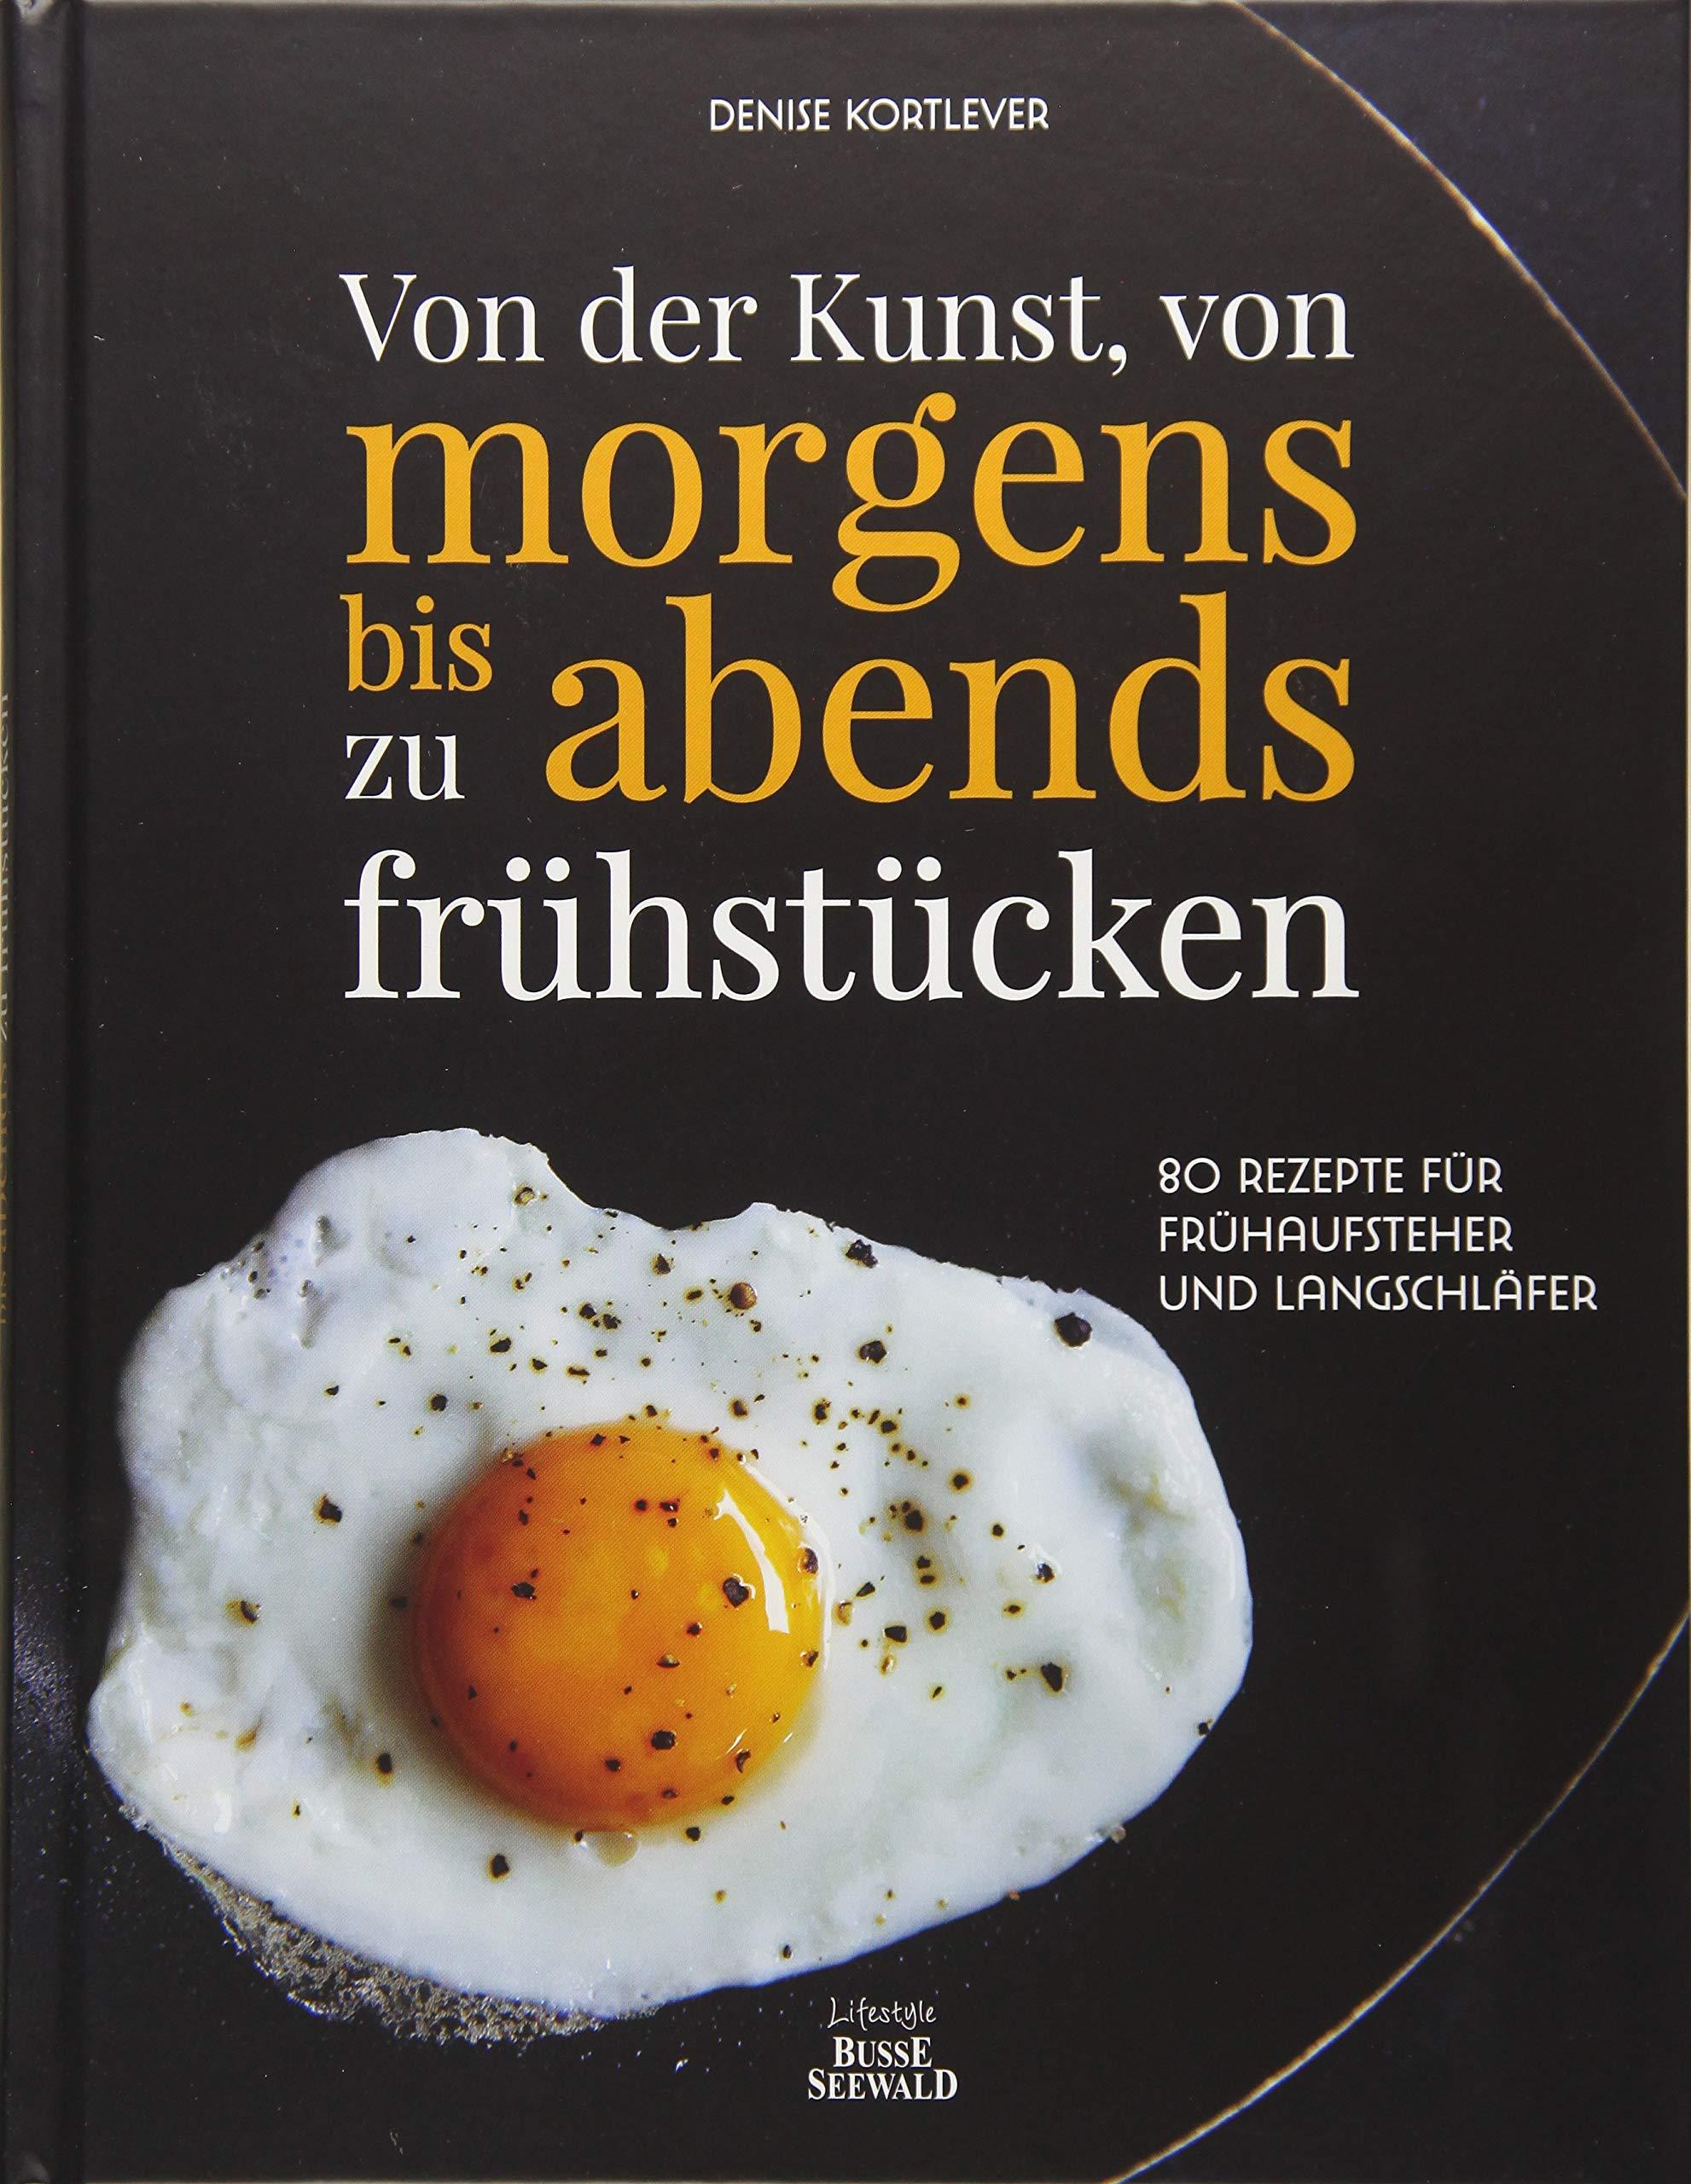 von-der-kunst-von-morgens-bis-abends-zu-frhstcken-80-rezepte-fr-frhaufsteher-und-langschlfer-ausgezeichnet-mit-dem-world-gourmand-cookbook-award-in-der-kategorie-innovative